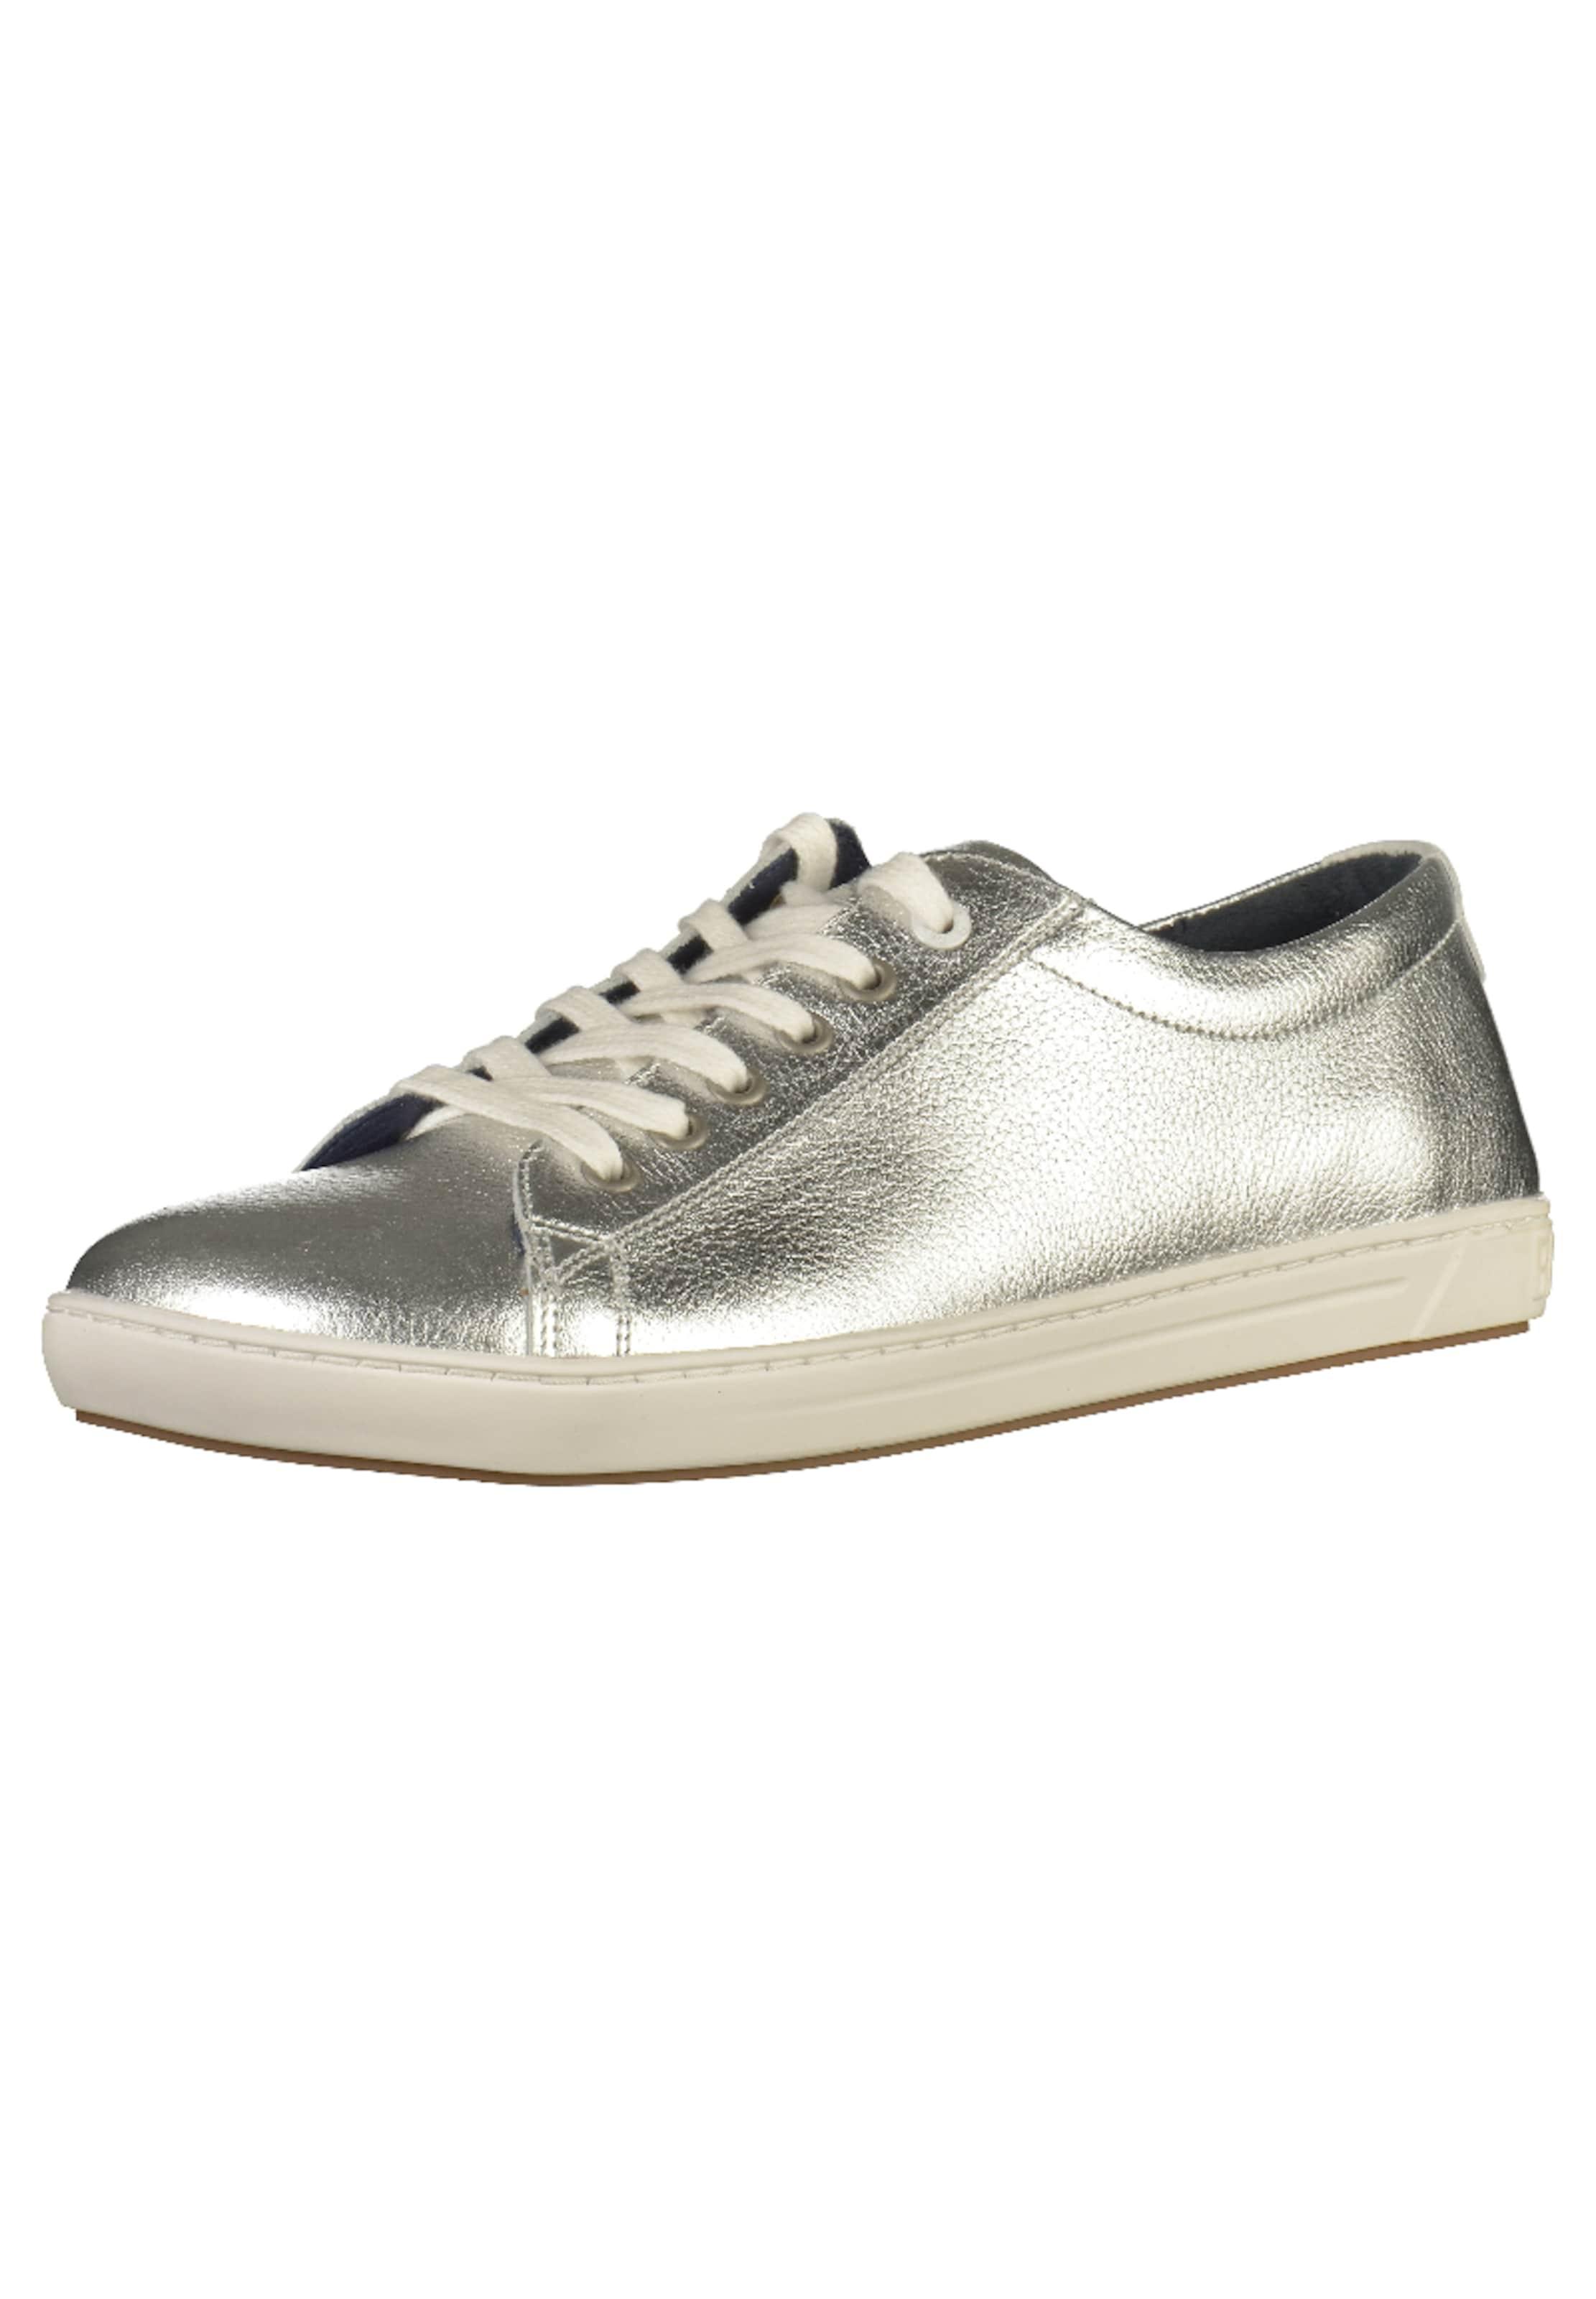 Birkenstock 'arran' 'arran' In Silber Sneaker Silber Sneaker In Birkenstock Birkenstock 1c3uFTlKJ